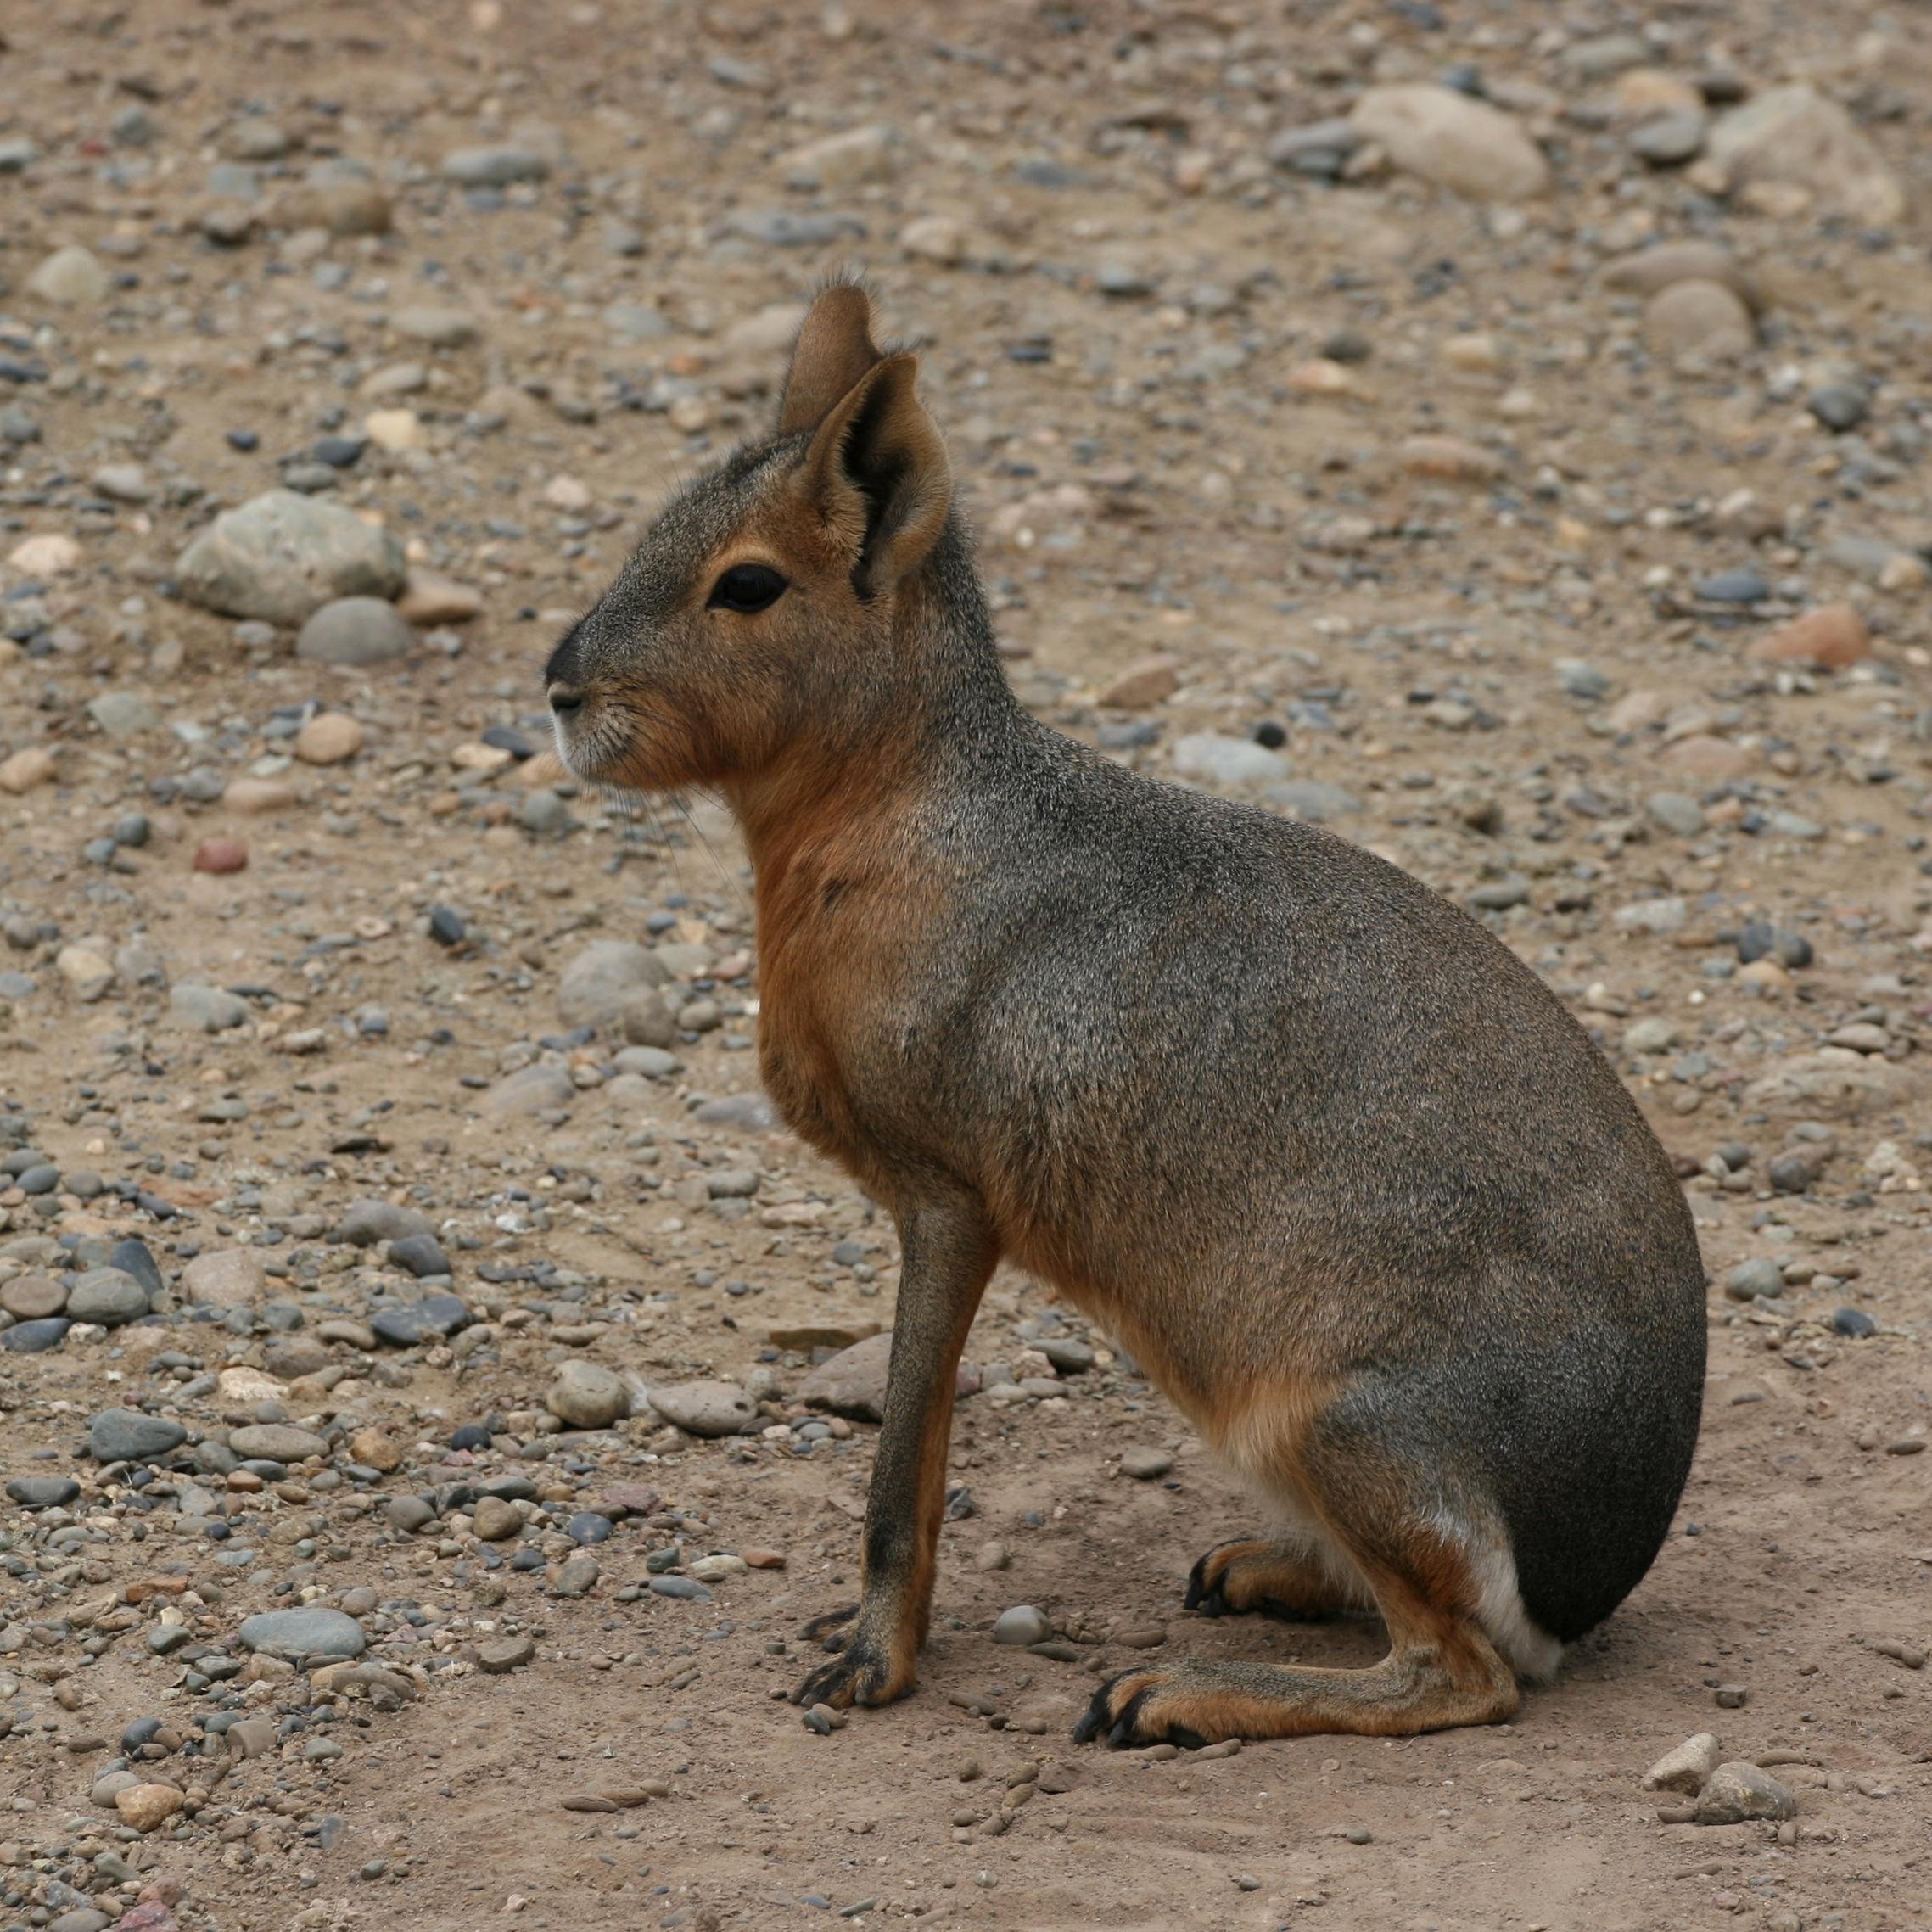 File:Dolichotis patagonum -Temaiken Zoo-8a-1c.jpg - Wikipedia